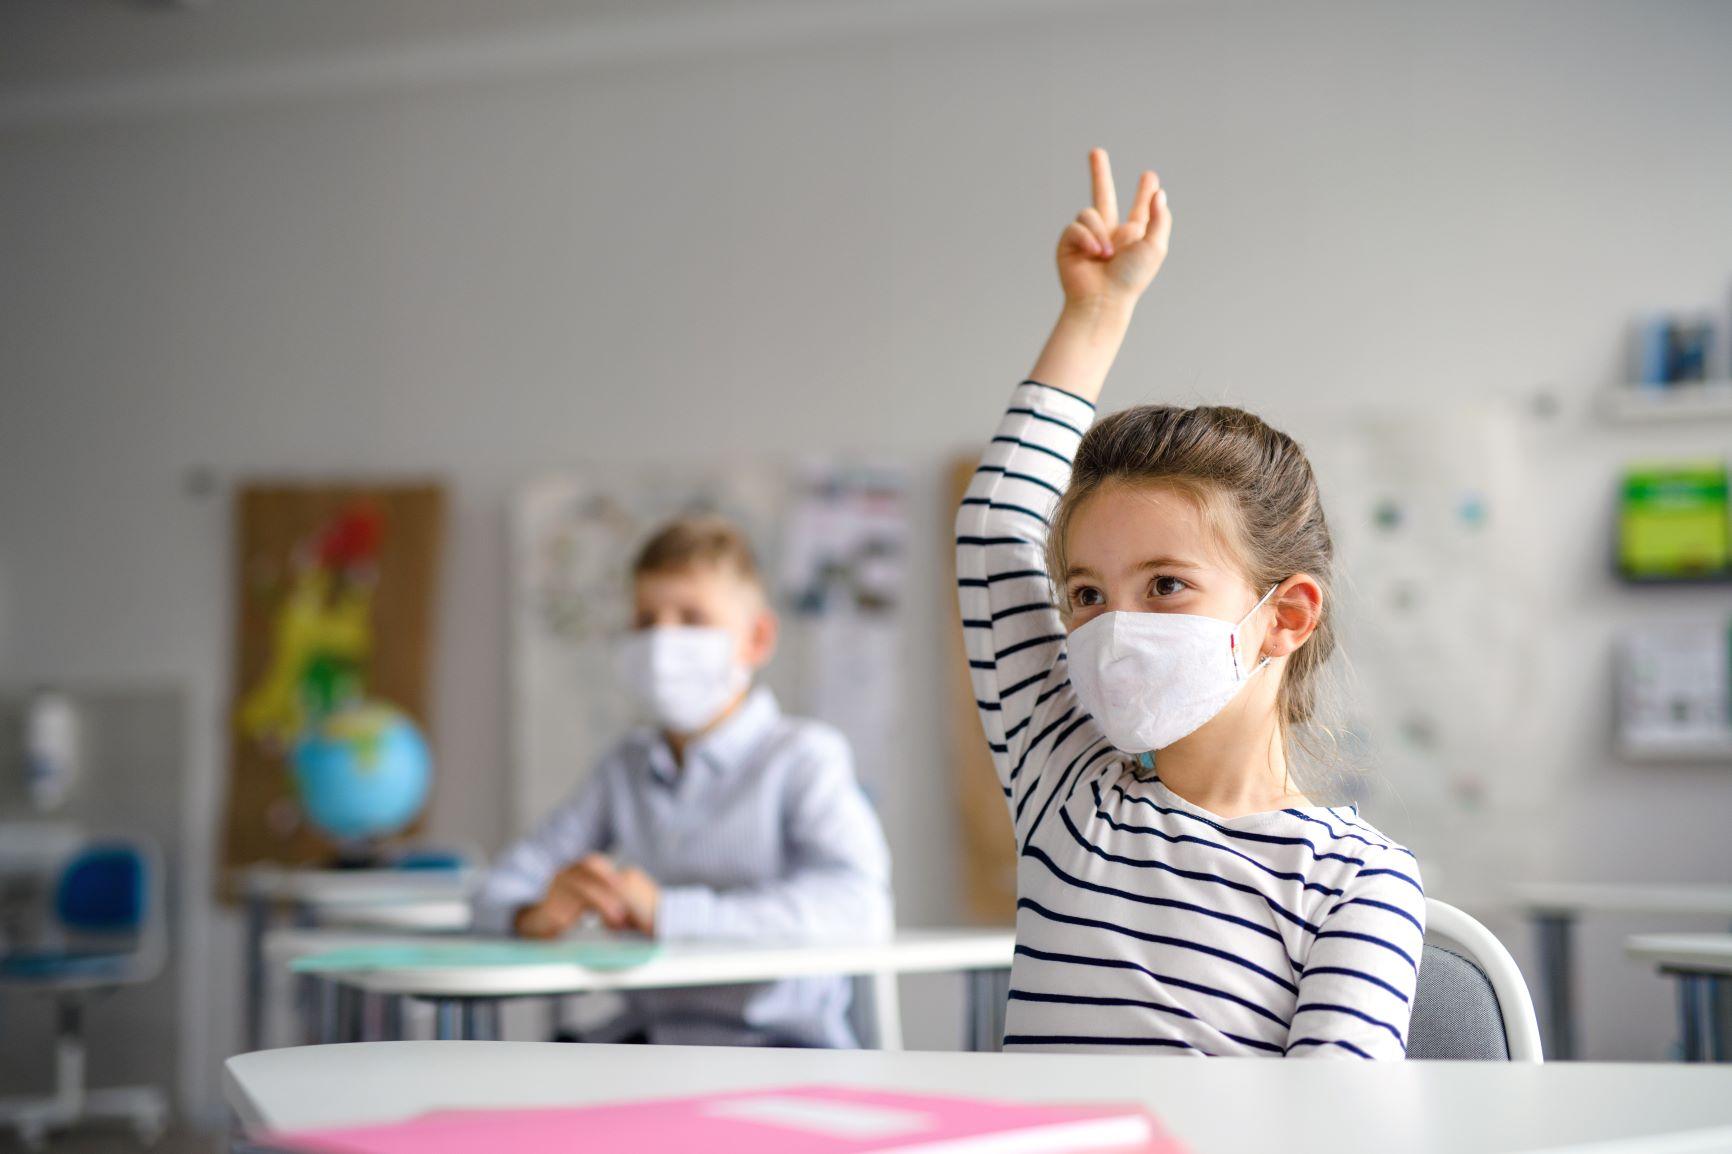 Matrículas abertas: como acolher os pais e os alunos nesse momento?